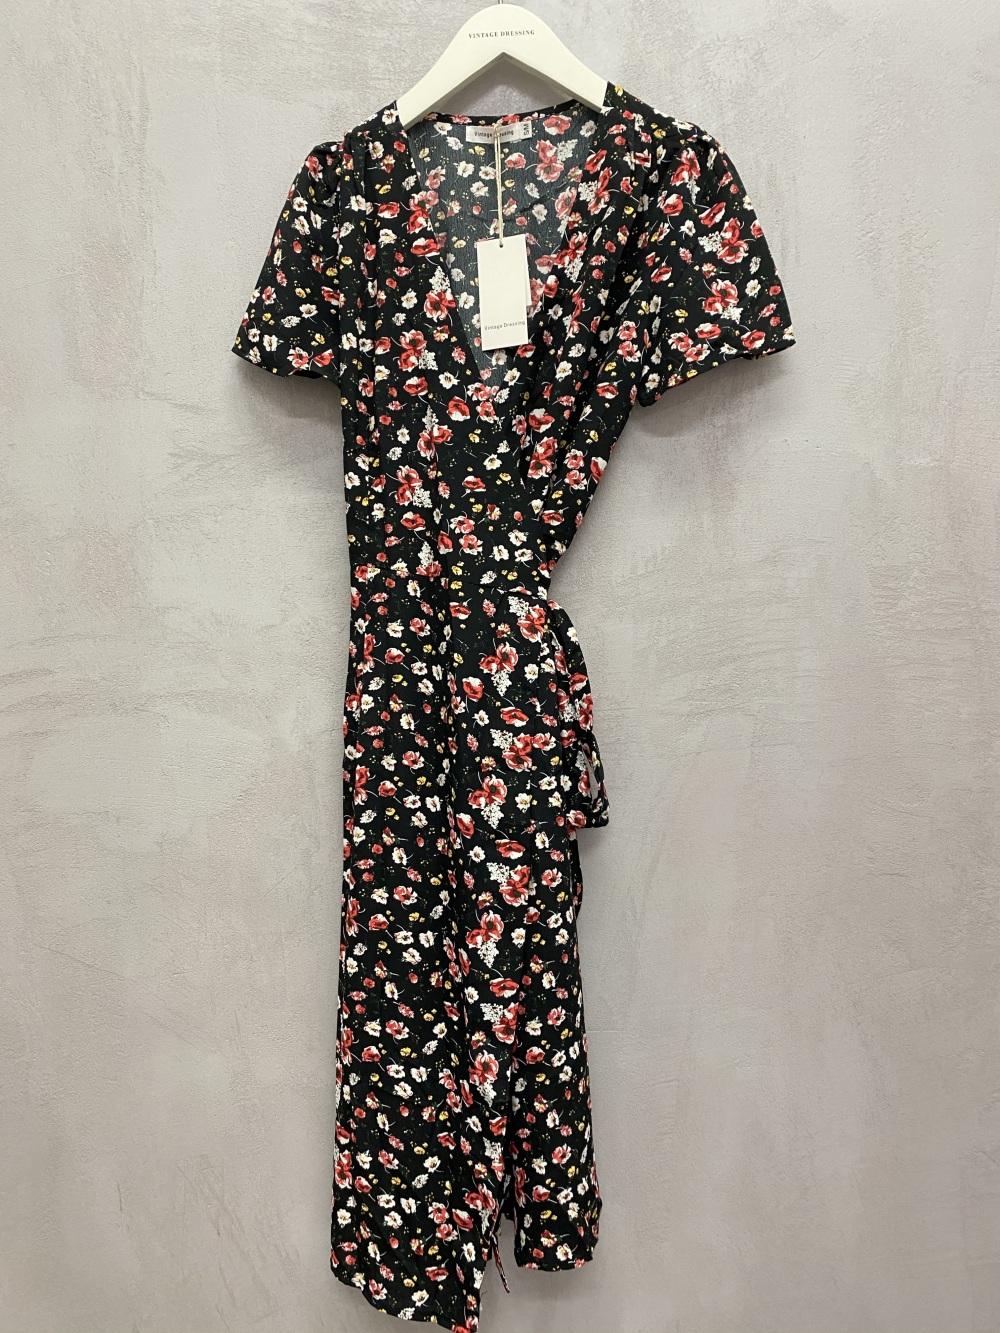 Robes longues Femme Noir Vintage Dressing K2045 #c eFashion Paris